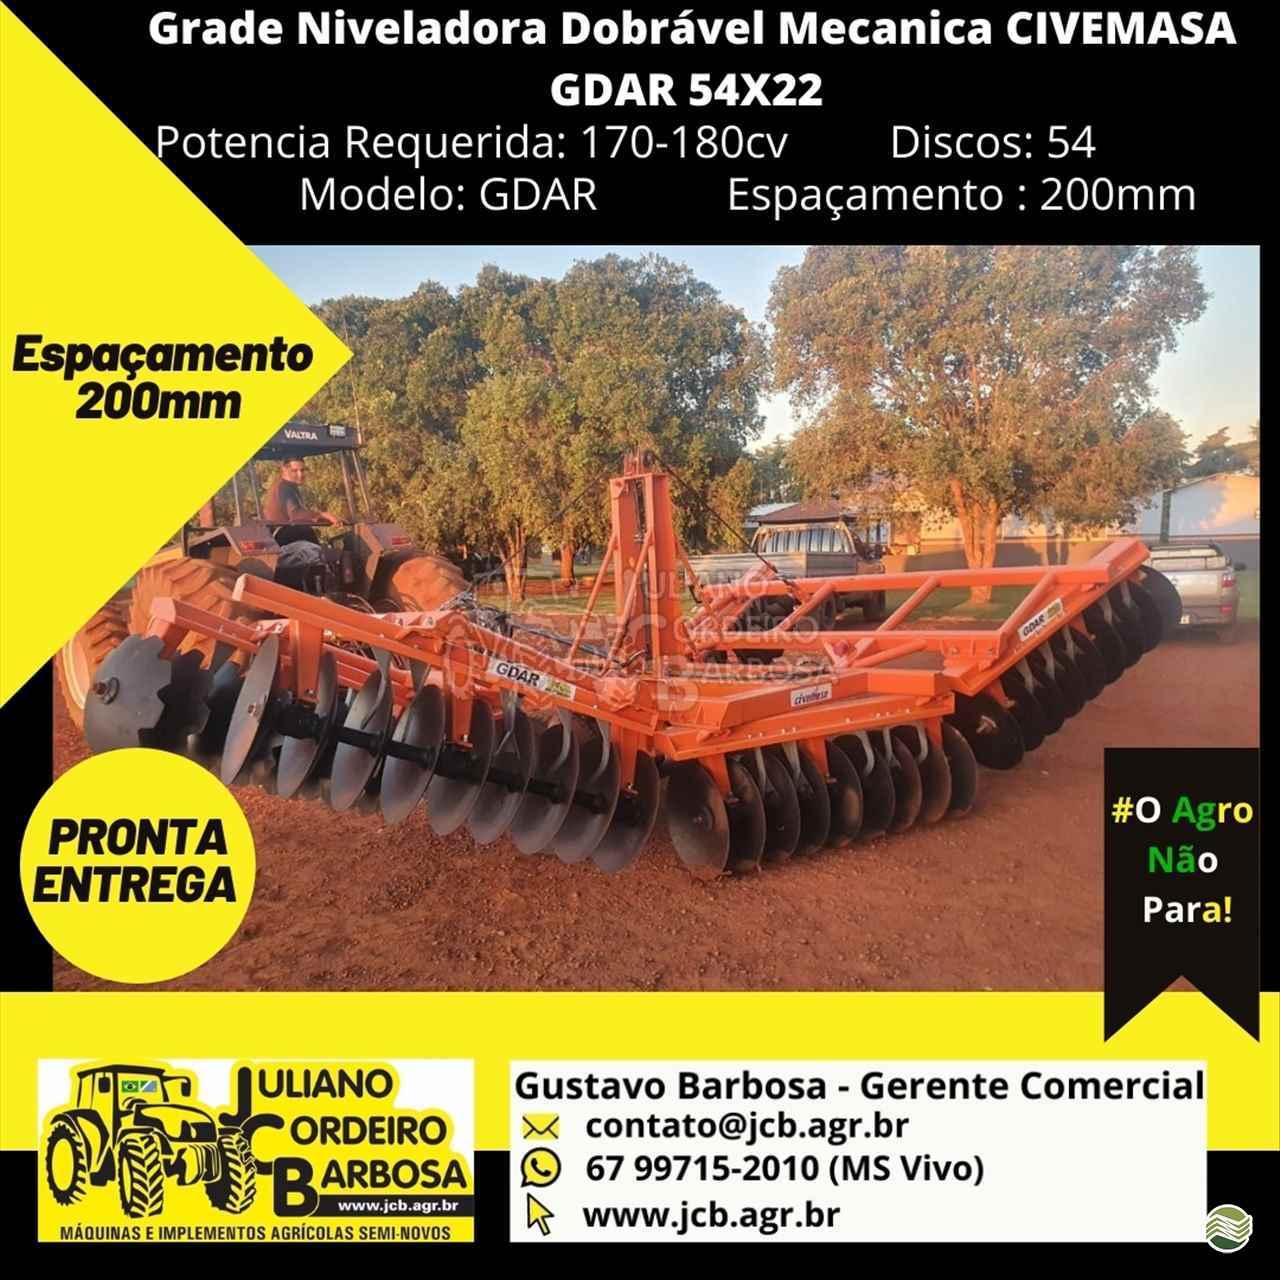 IMPLEMENTOS AGRICOLAS GRADE NIVELADORA NIVELADORA 52 DISCOS JCB Máquinas e Implementos Agrícolas MARACAJU MATO GROSSO DO SUL MS